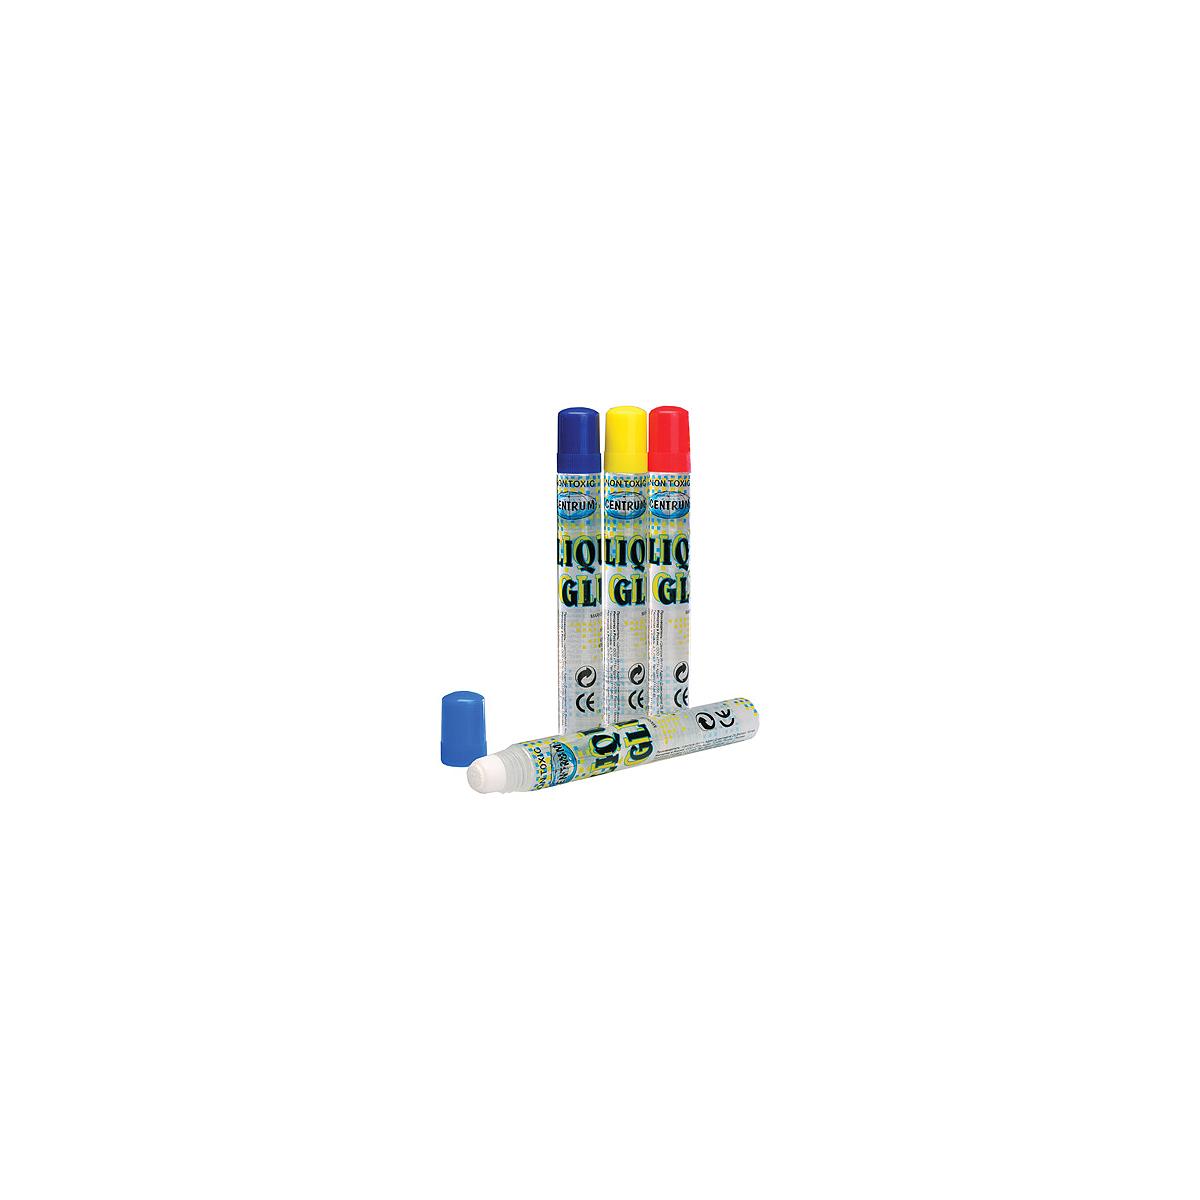 Lipici Lichid Incolor, 50 Mililitri, Diverse Culori, Centrum, 80300